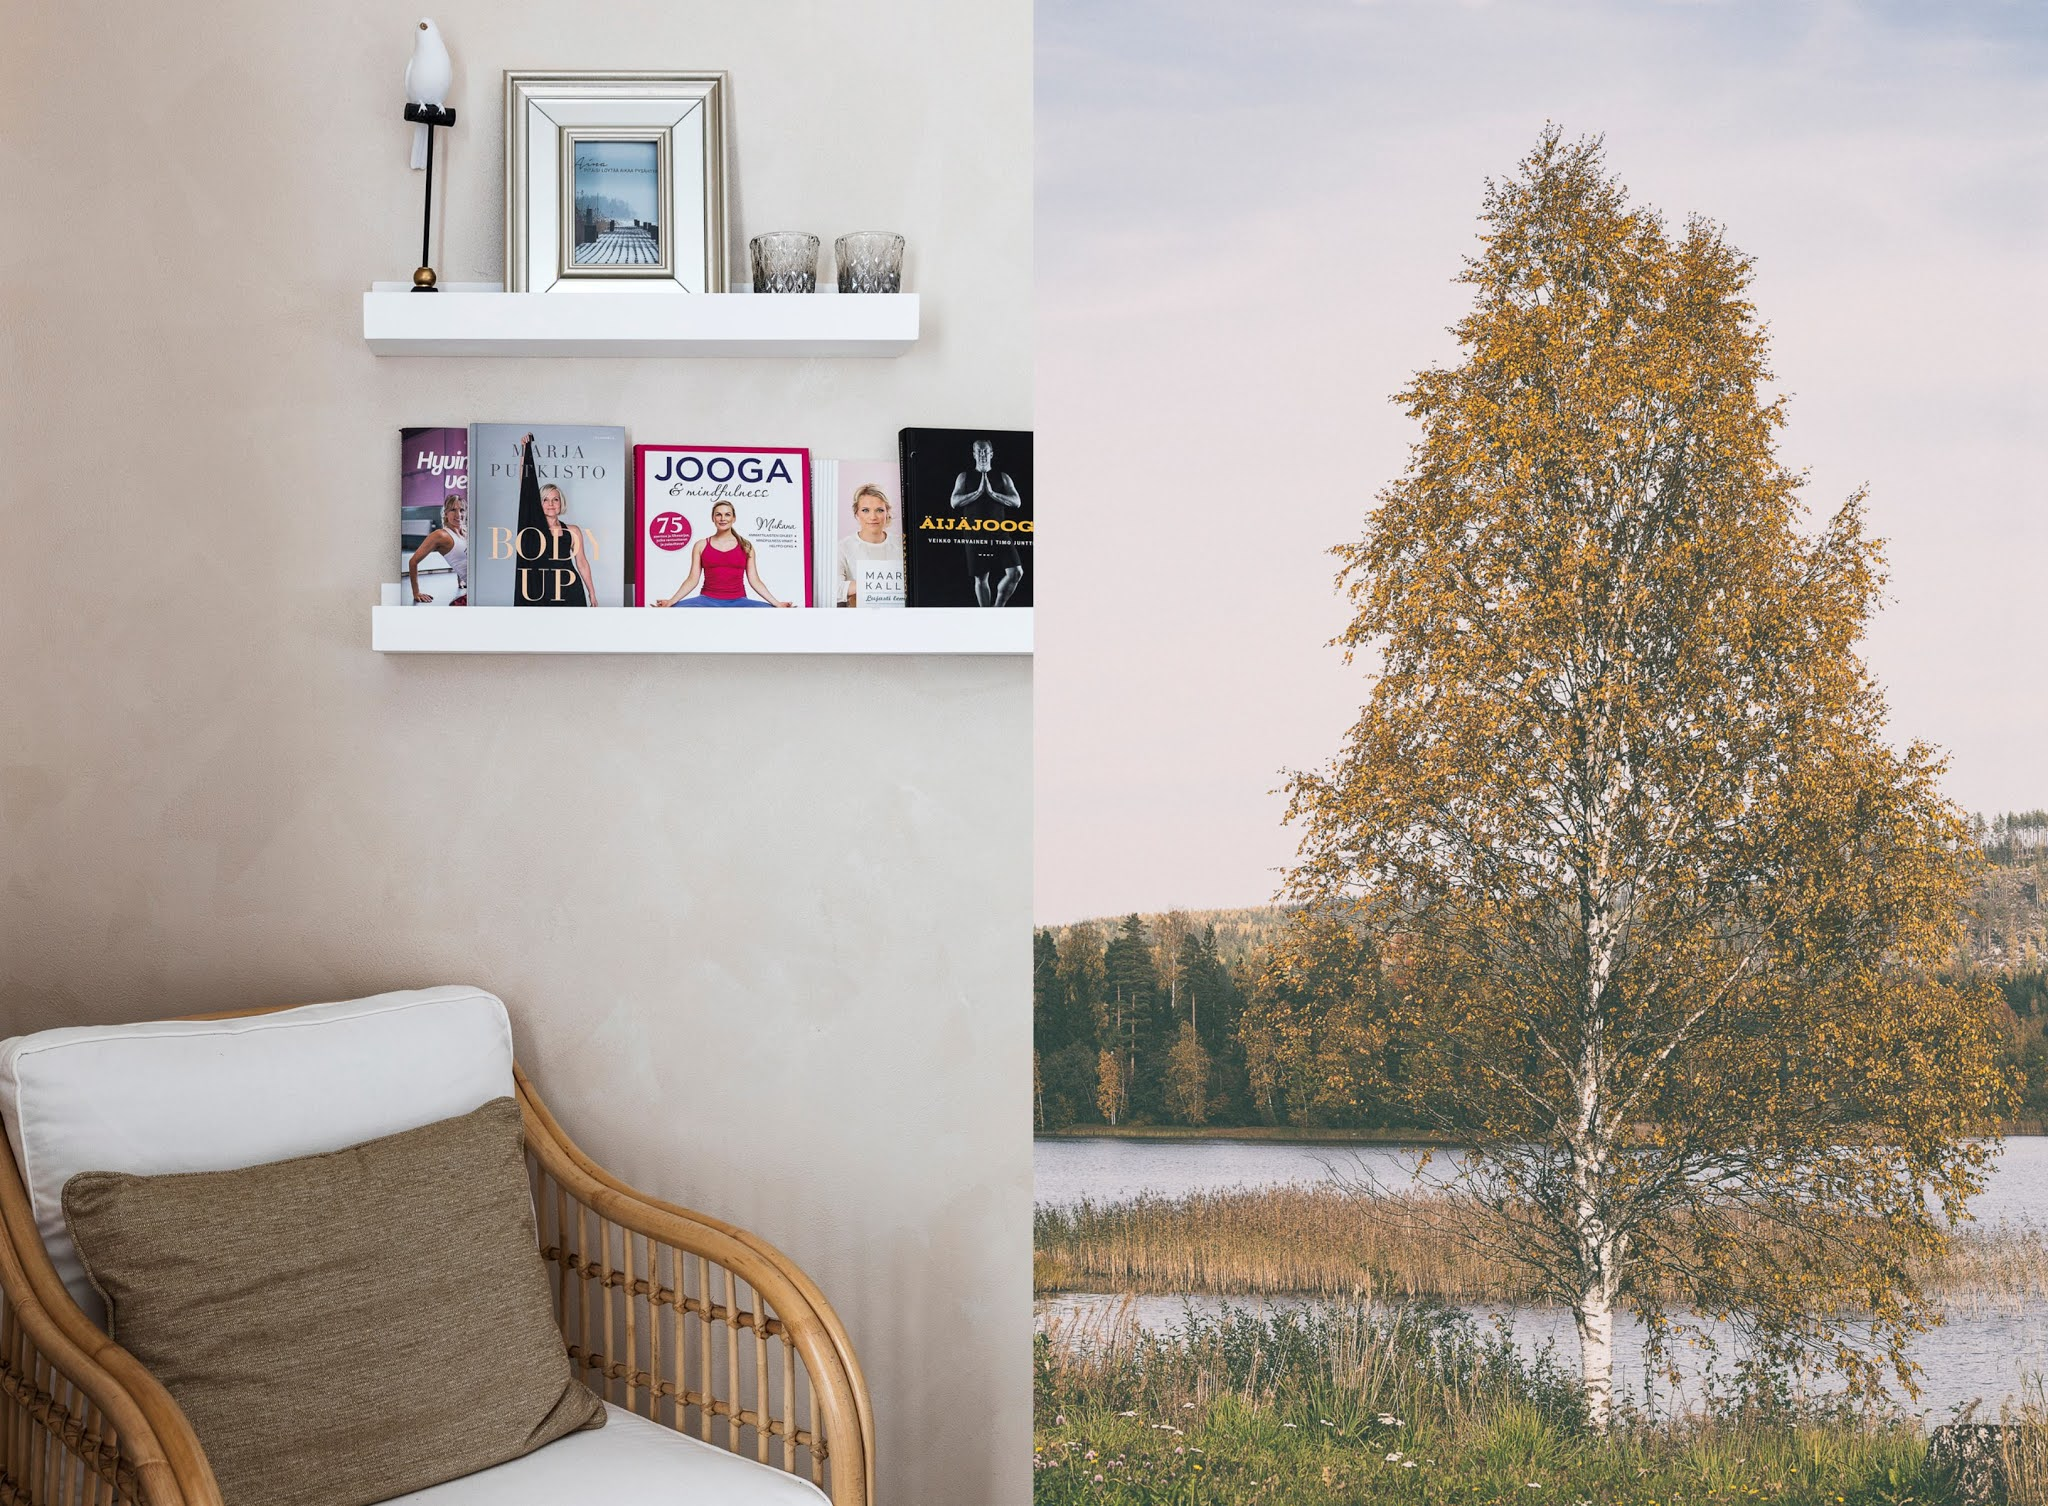 Jyväskylä, Hotelli, visitjyväskylä, suomi, finland, visitfinland, kotimaa, matkailu, matkustus, valokuvaaja, Frida steiner, visualaddictfrida, matkablogi, blogi, visualaddict, Hotelli Yöpuu